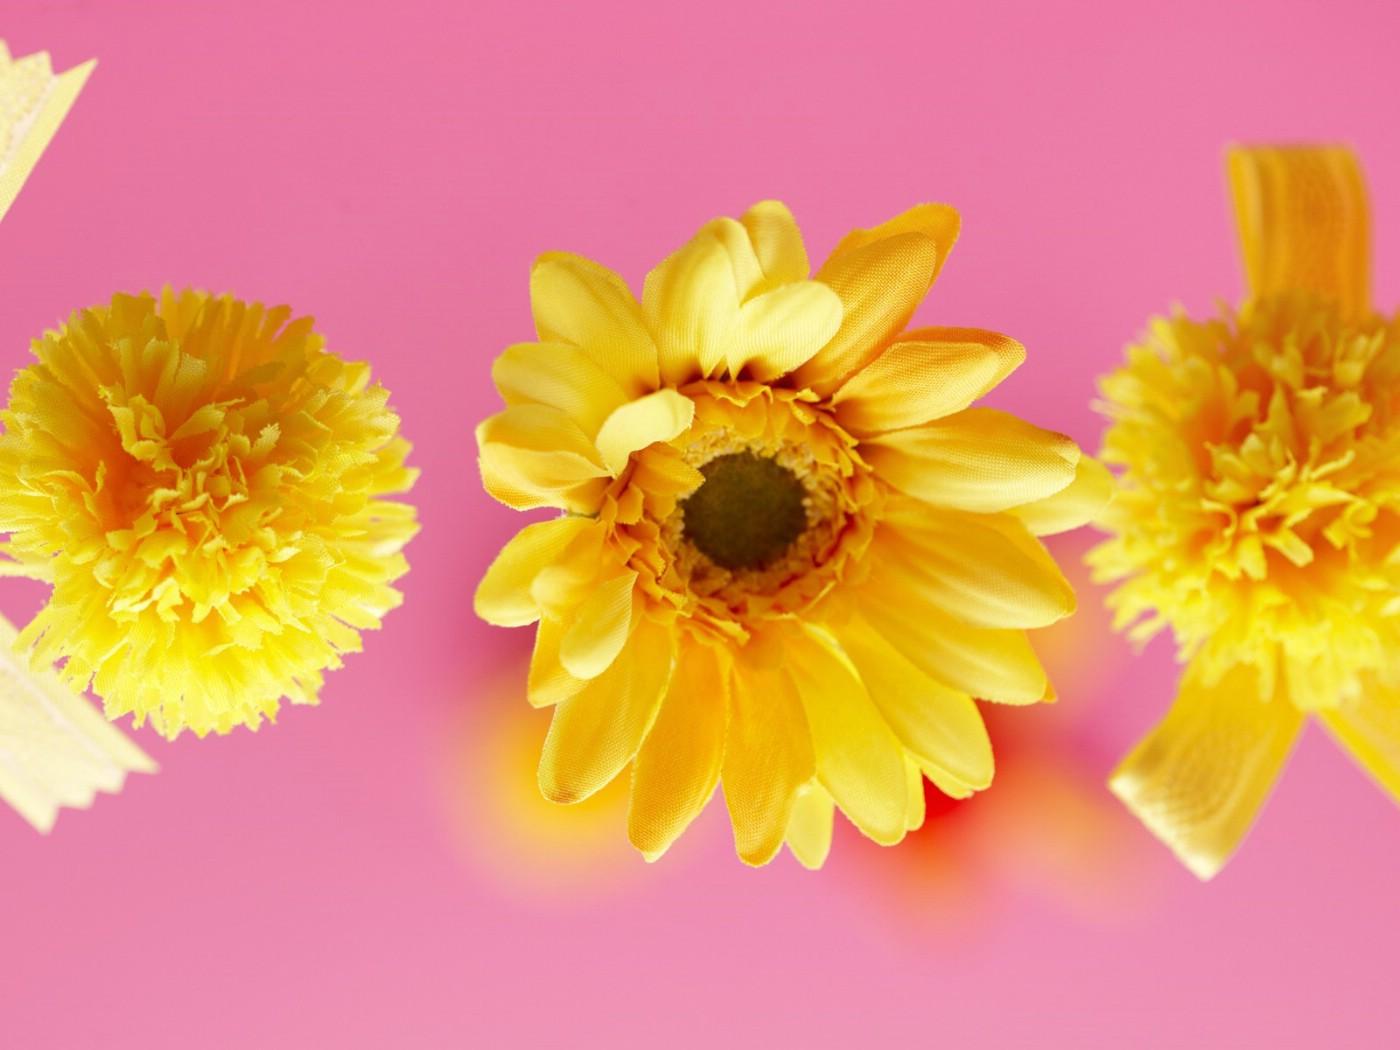 壁纸1400×1050室内装饰仿真花卉图片 1920 1200壁纸 温馨布艺仿真花卉壁纸壁纸图片花卉壁纸花卉图片素材桌面壁纸